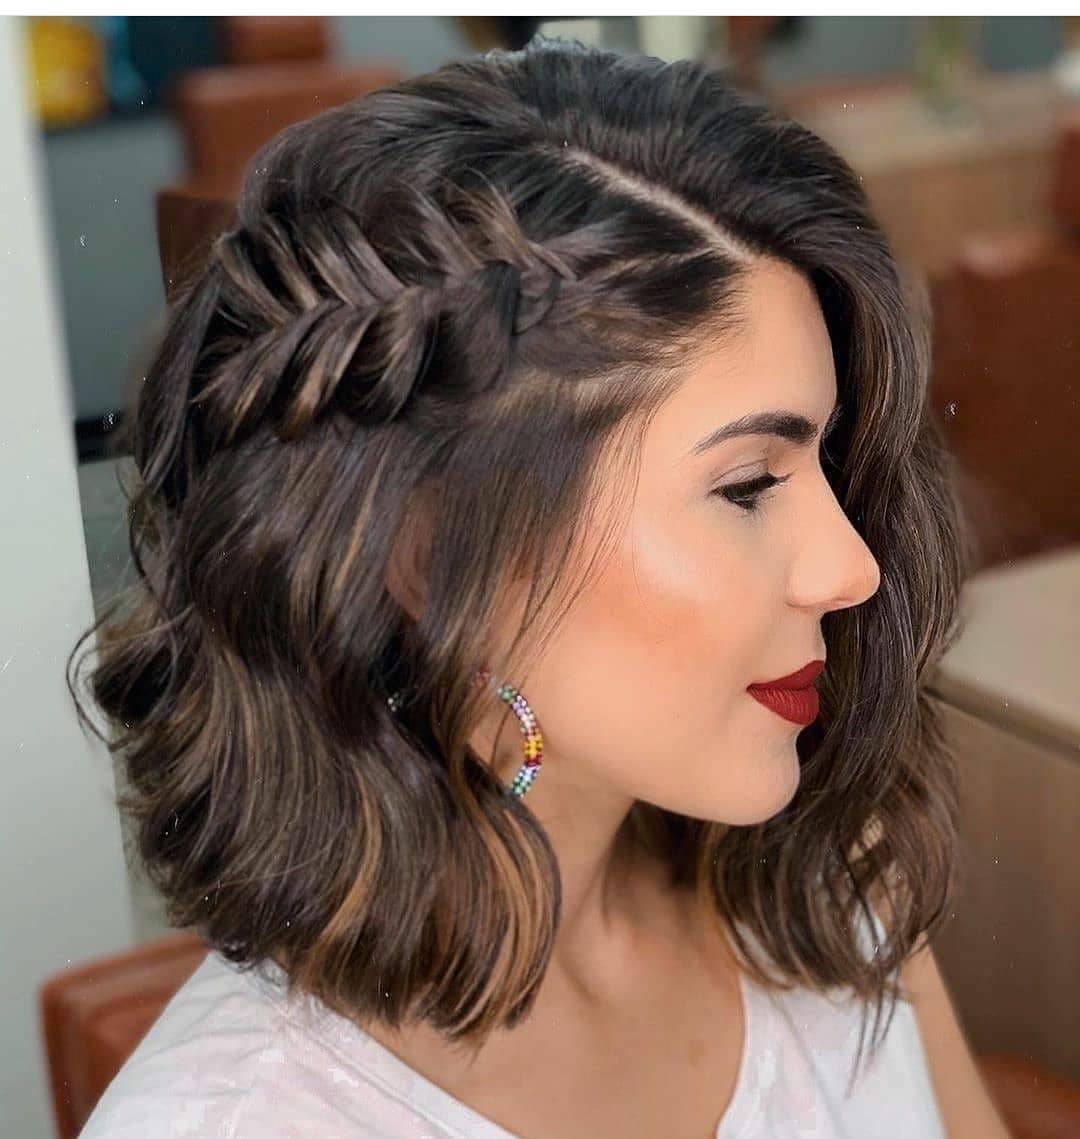 10 penteados e cortes de cabelo curtos que são pura tendência em 2021